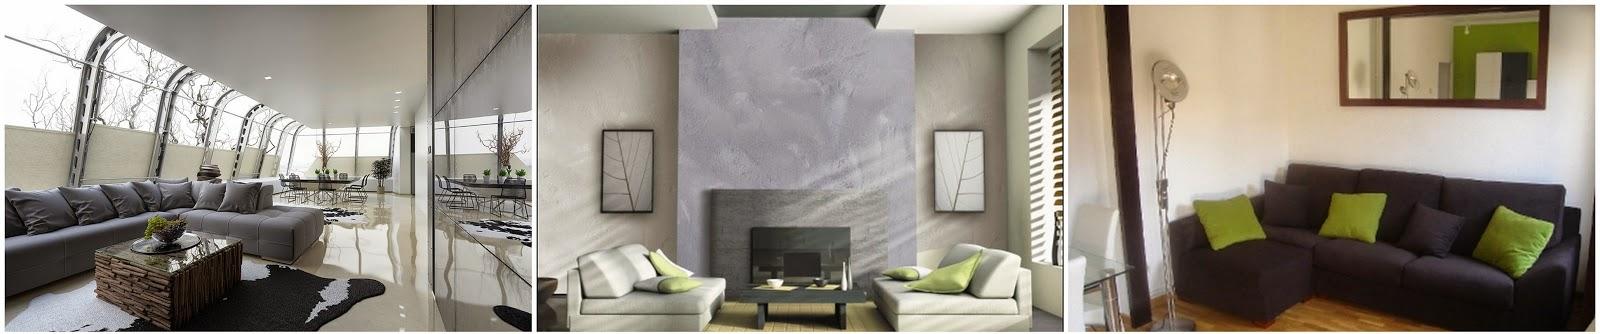 prix m2 travaux peintre maison paris peintre professionnel cesu. Black Bedroom Furniture Sets. Home Design Ideas